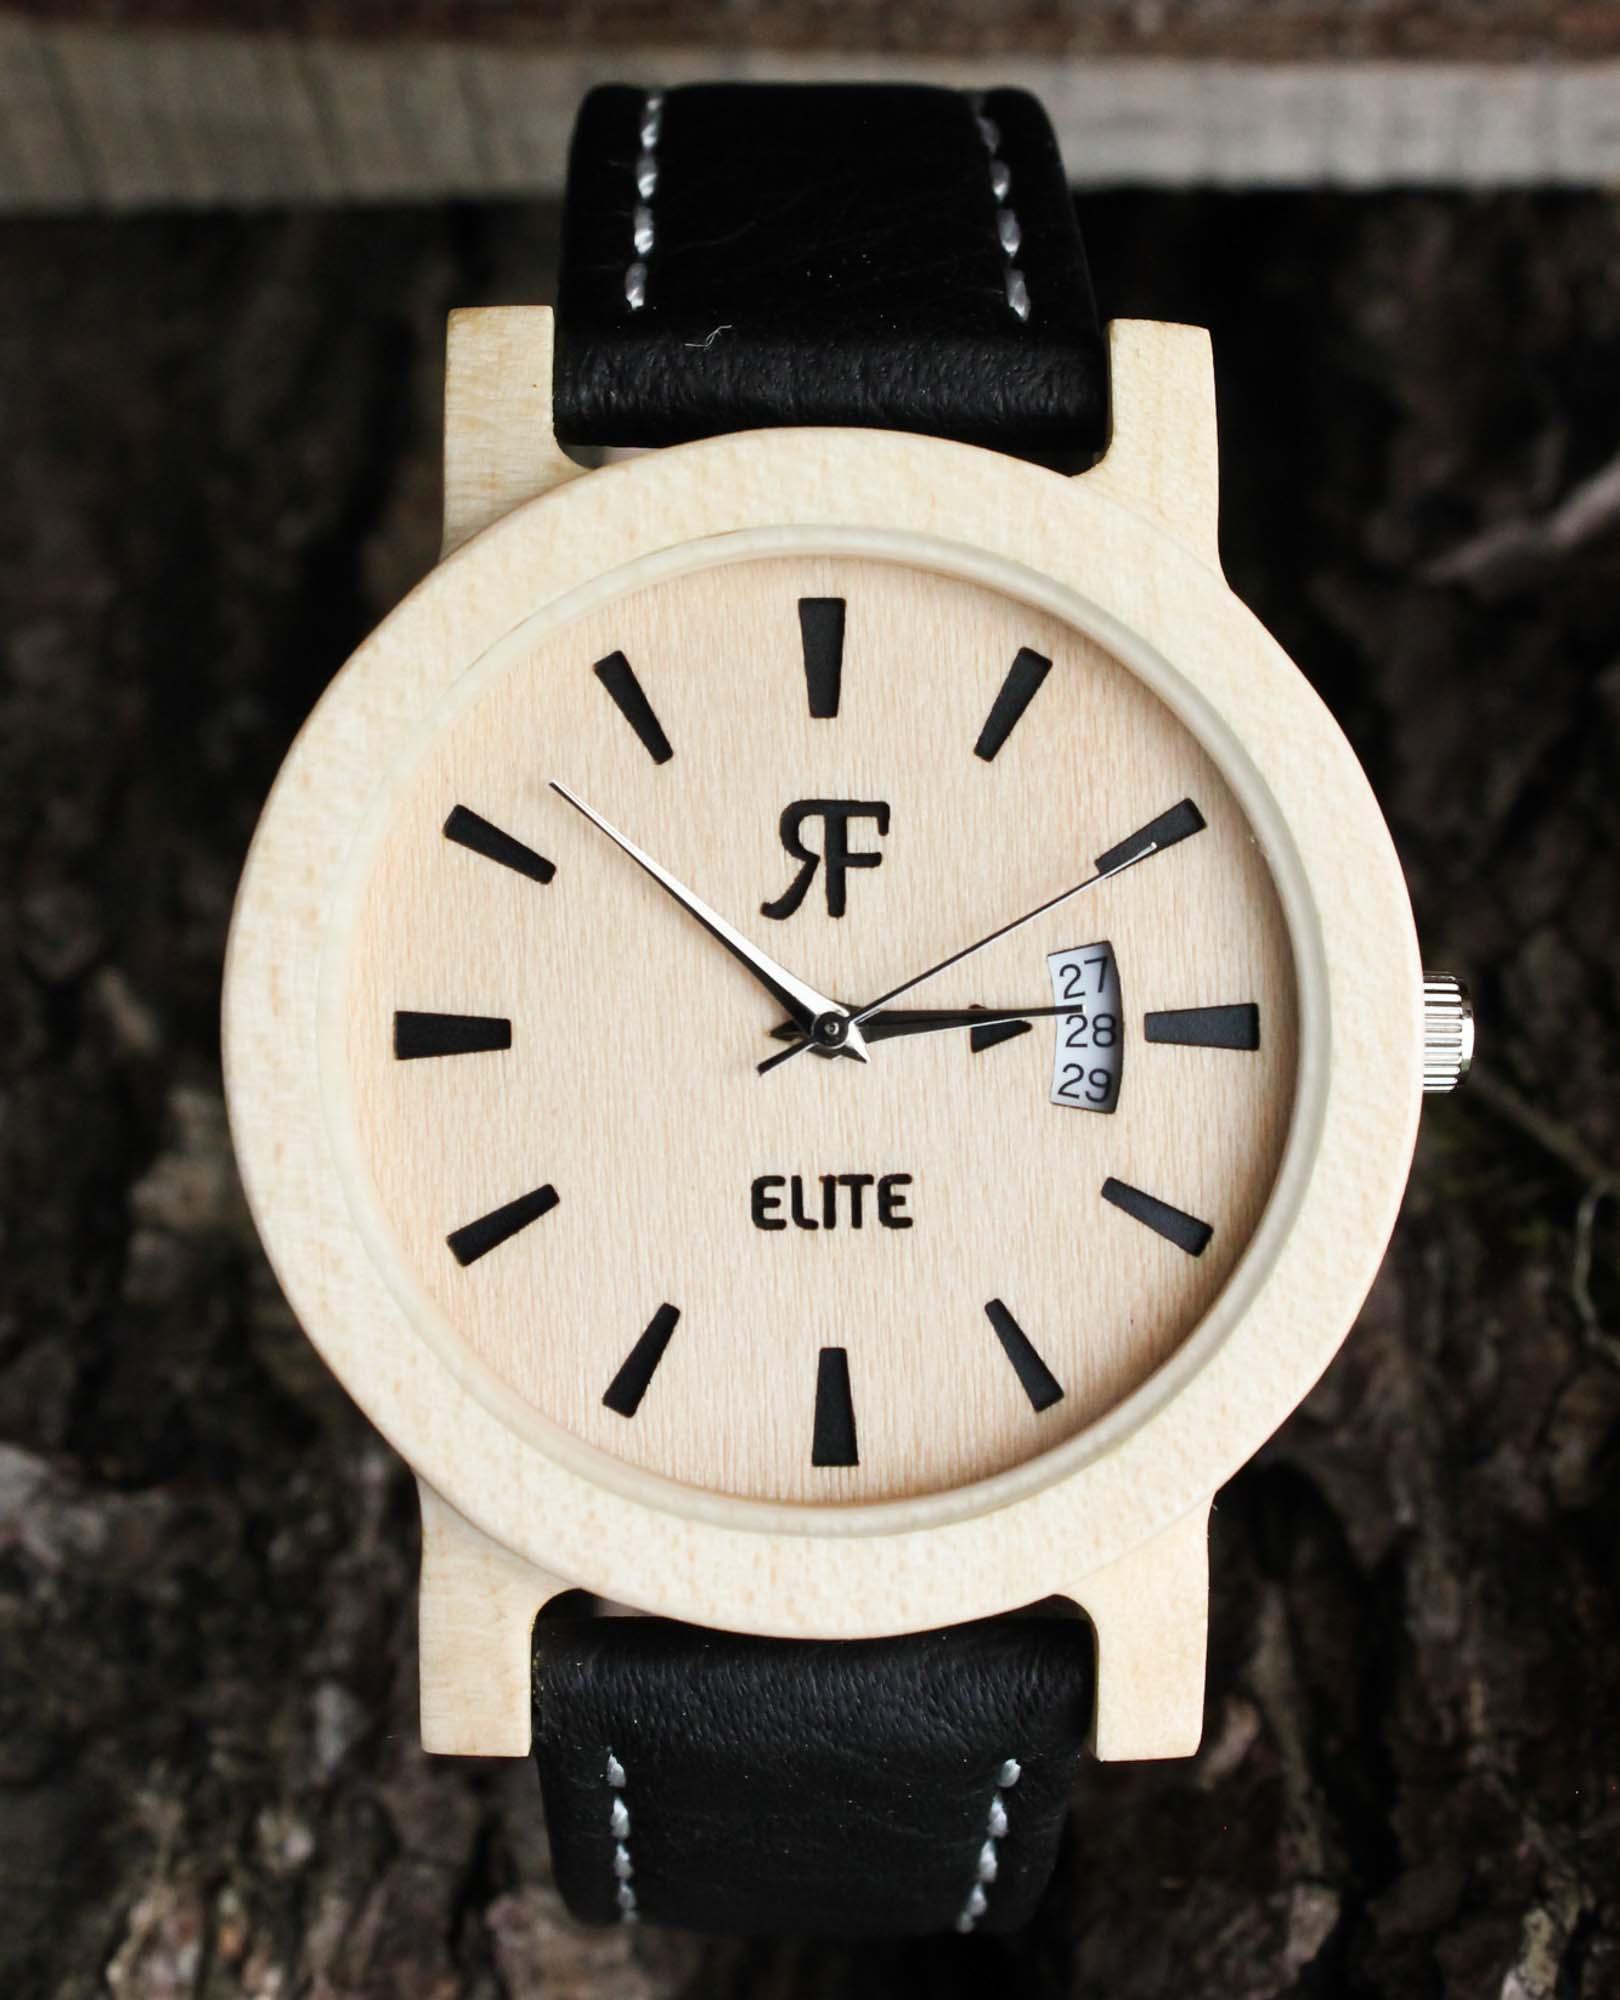 Zegarek drewniany Realforest Elite yin yang